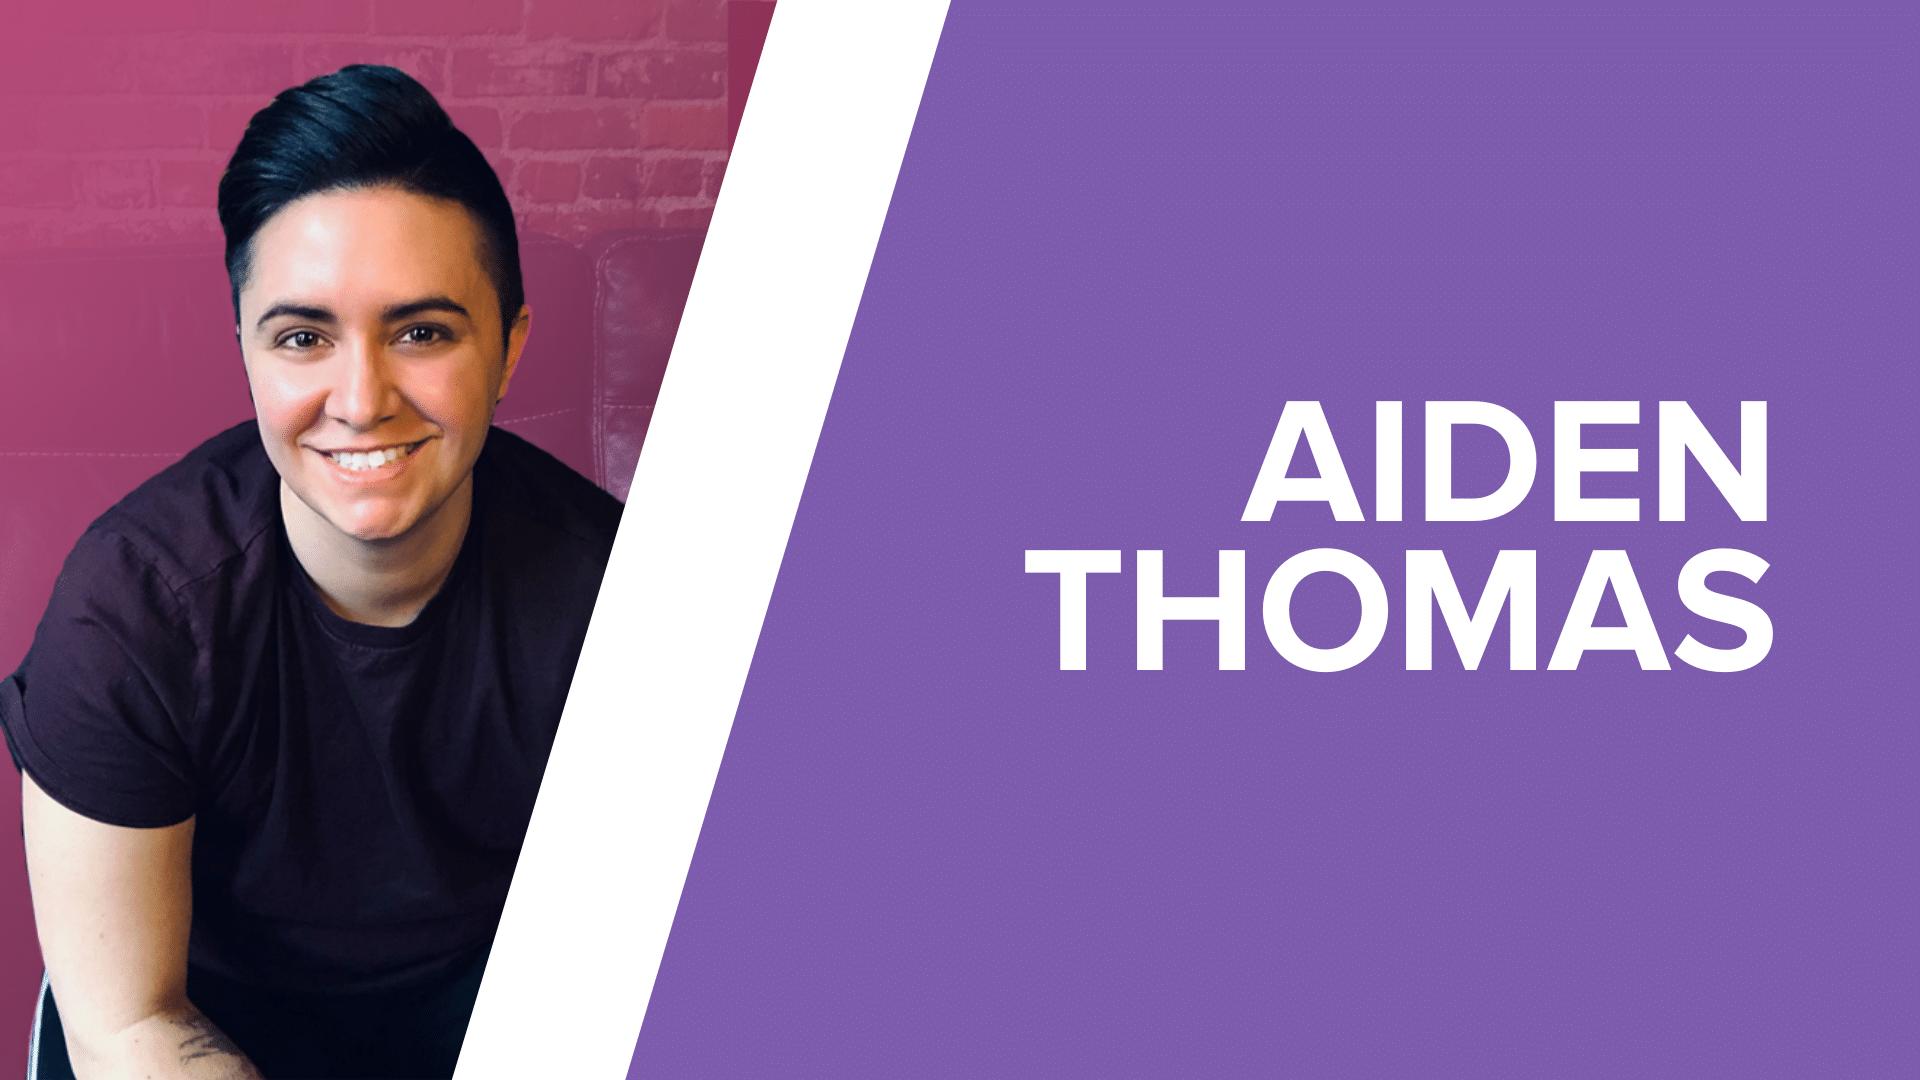 Aiden Thomas